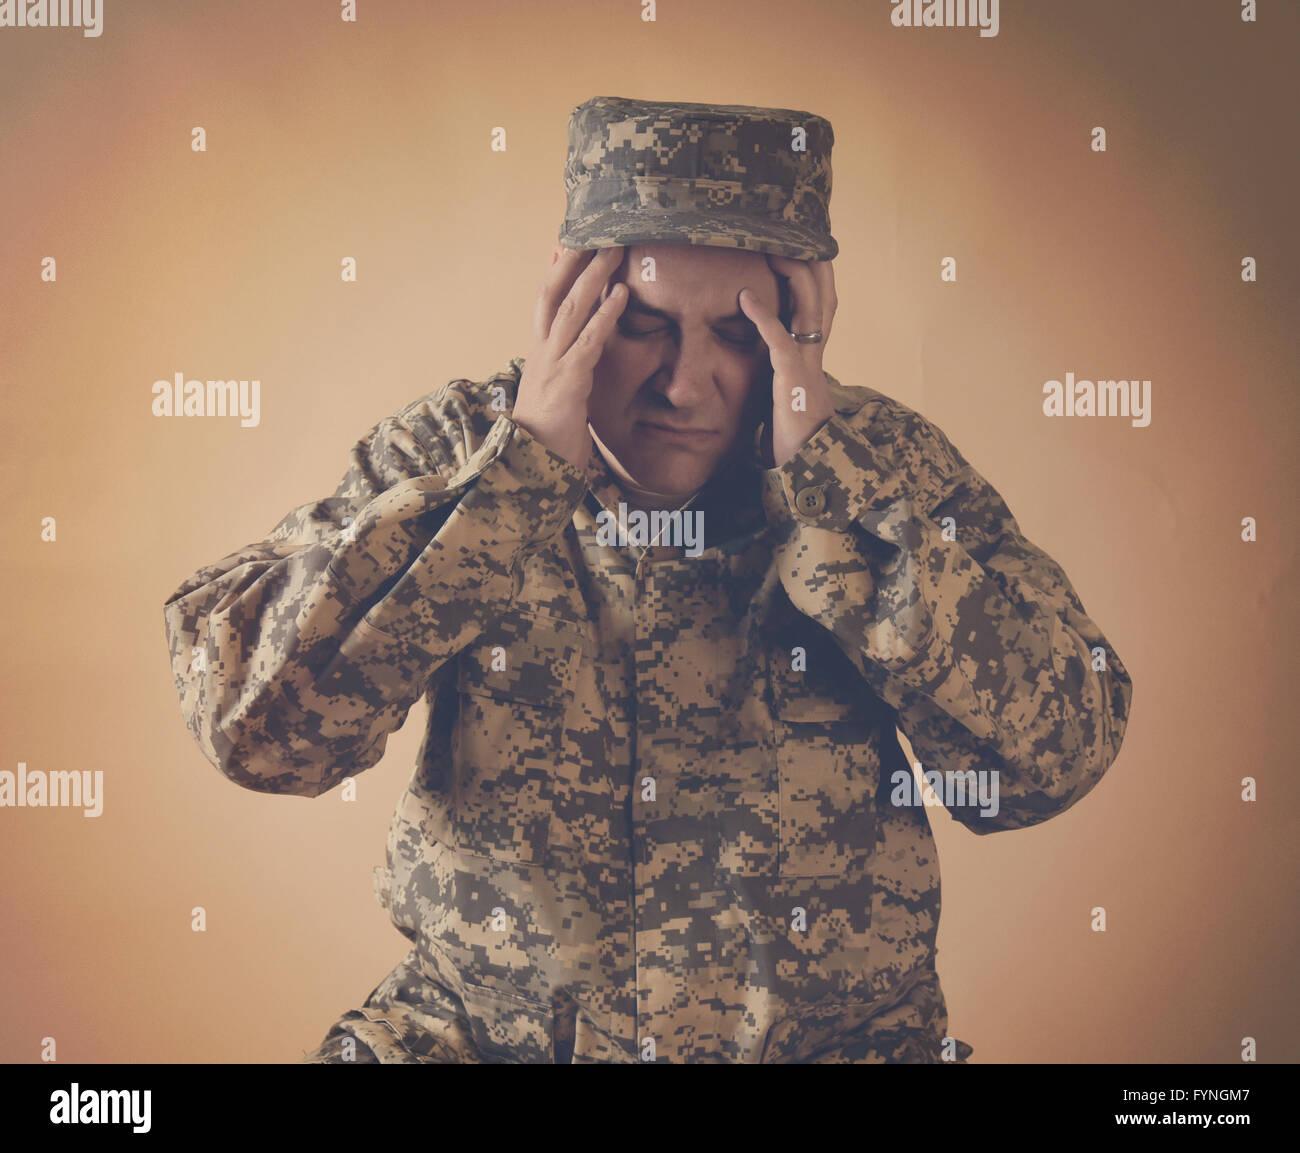 Ein gestresster Armee Mann hält seine Hände auf seinen Kopf auf einen isolierten Hintergrund für Stockbild